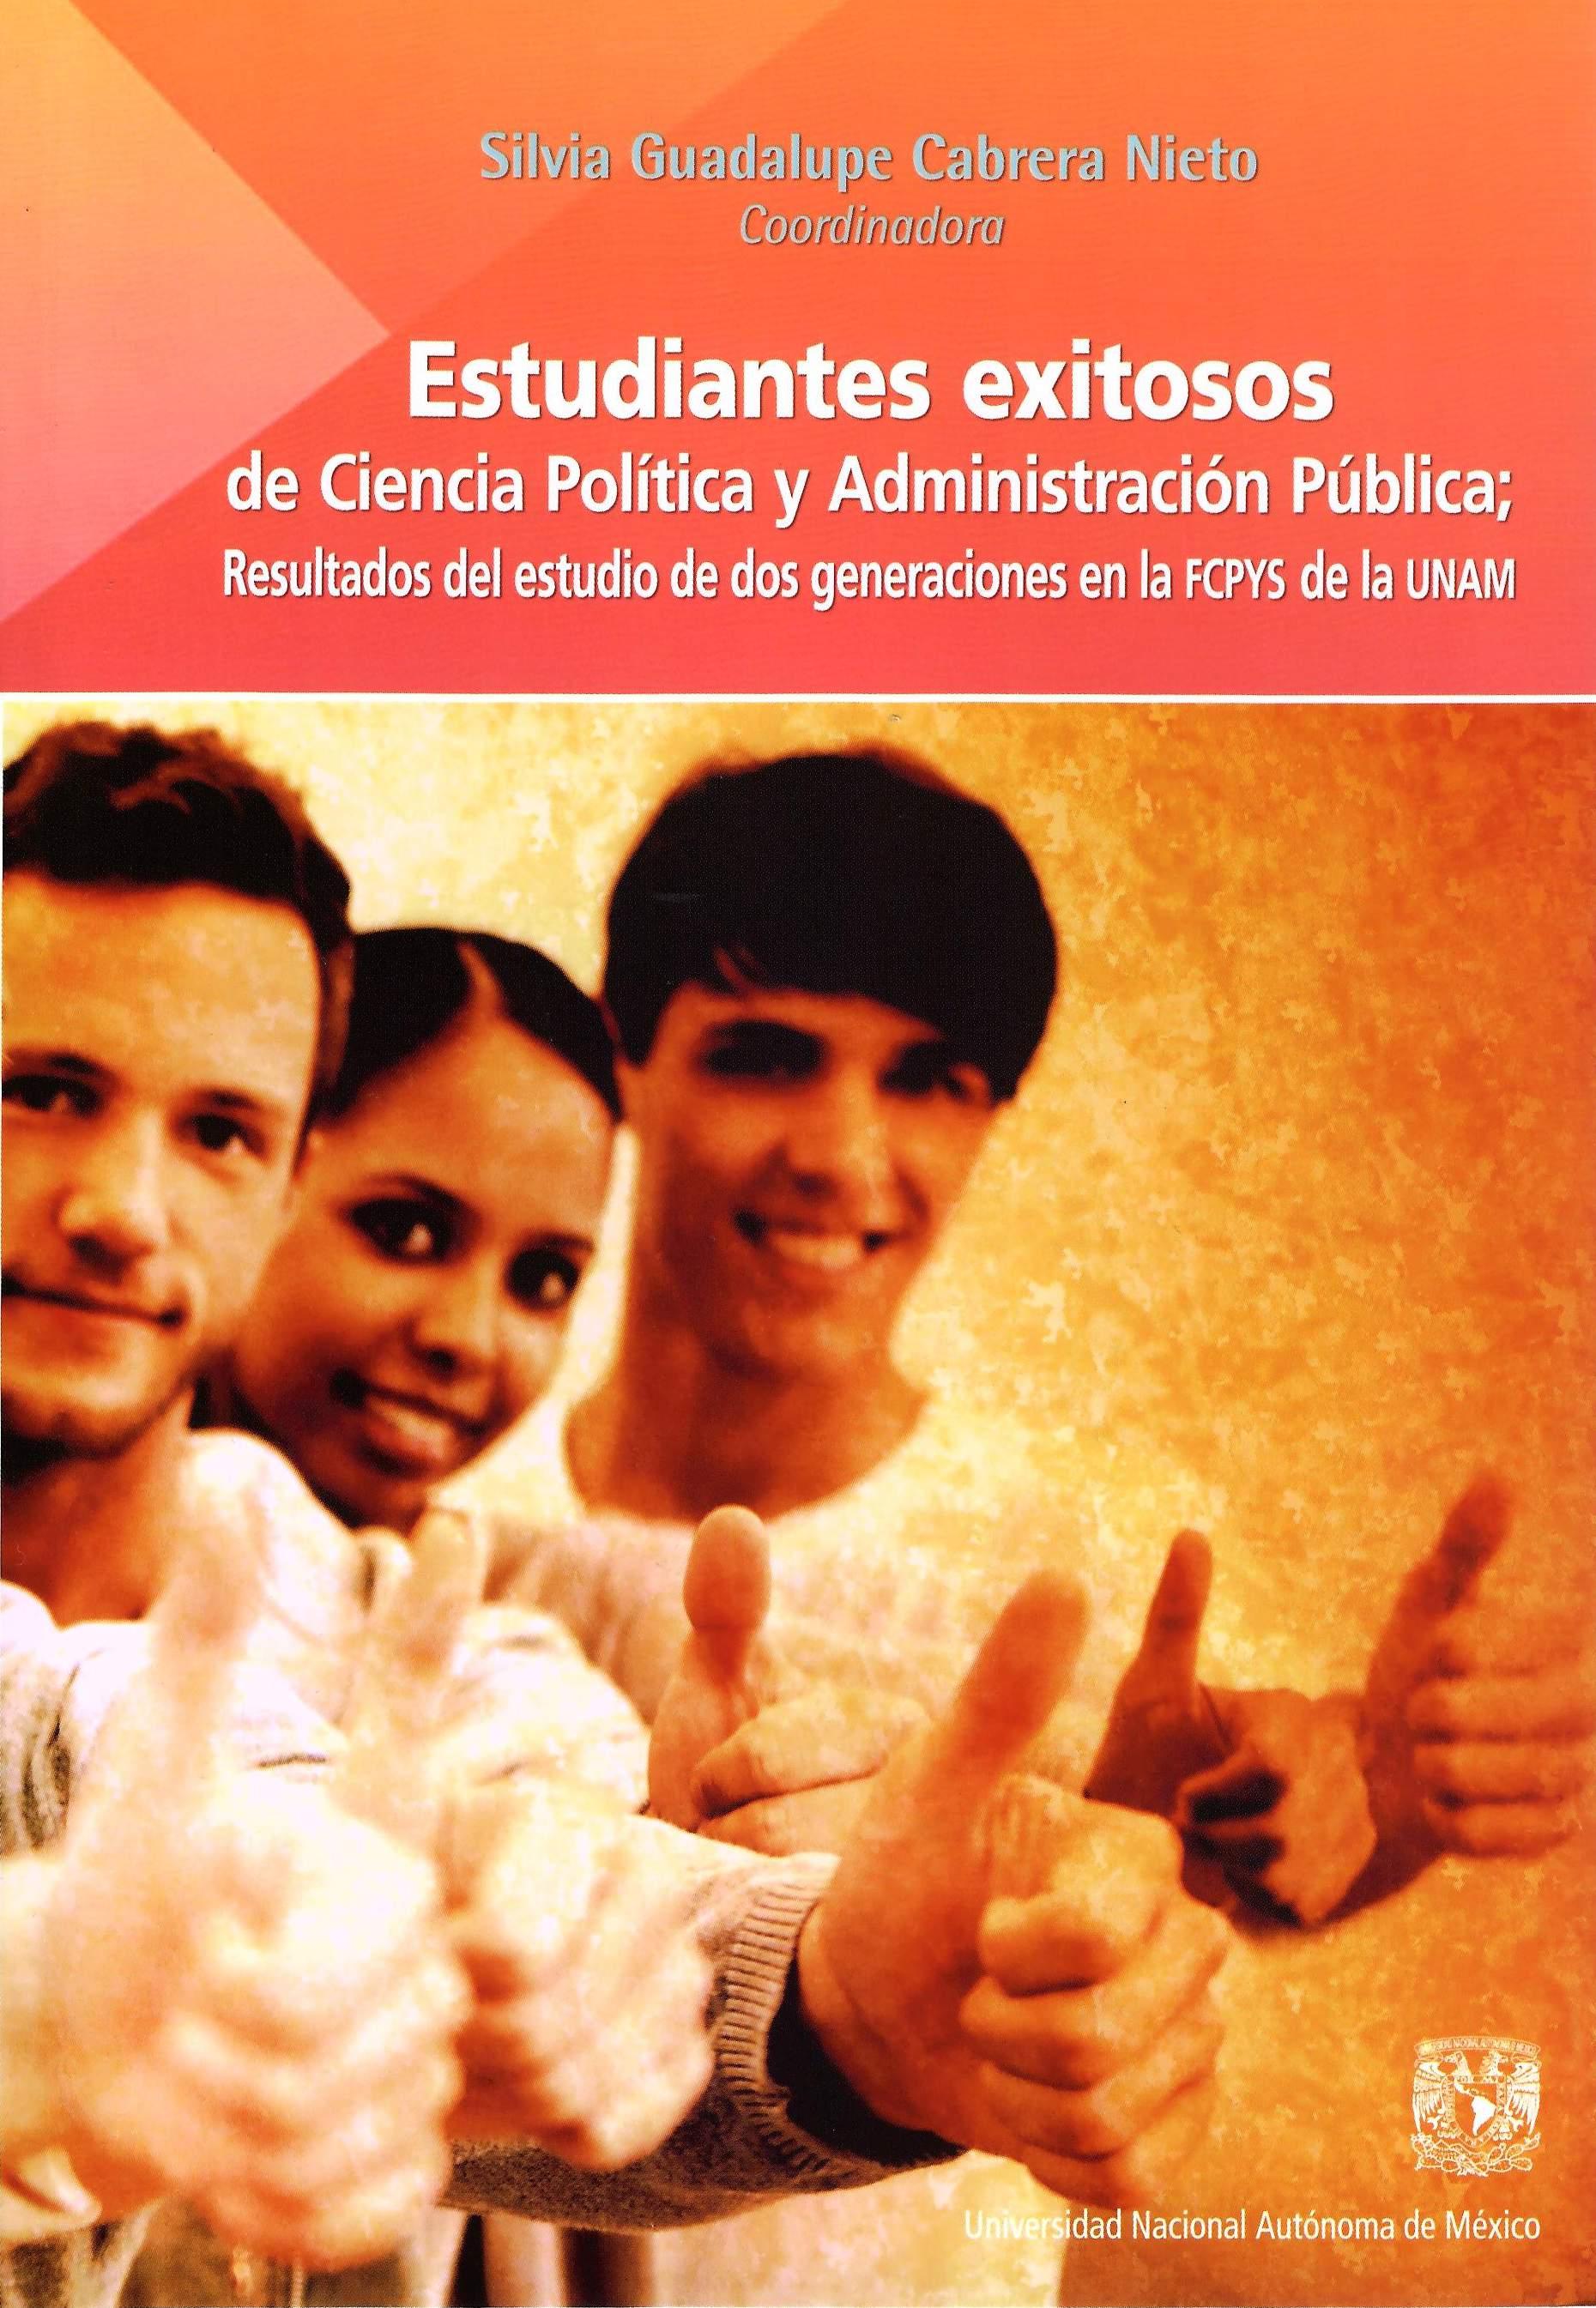 Estudiantes exitosos de Ciencia Política y Administración Pública; resultados del estudio de dos